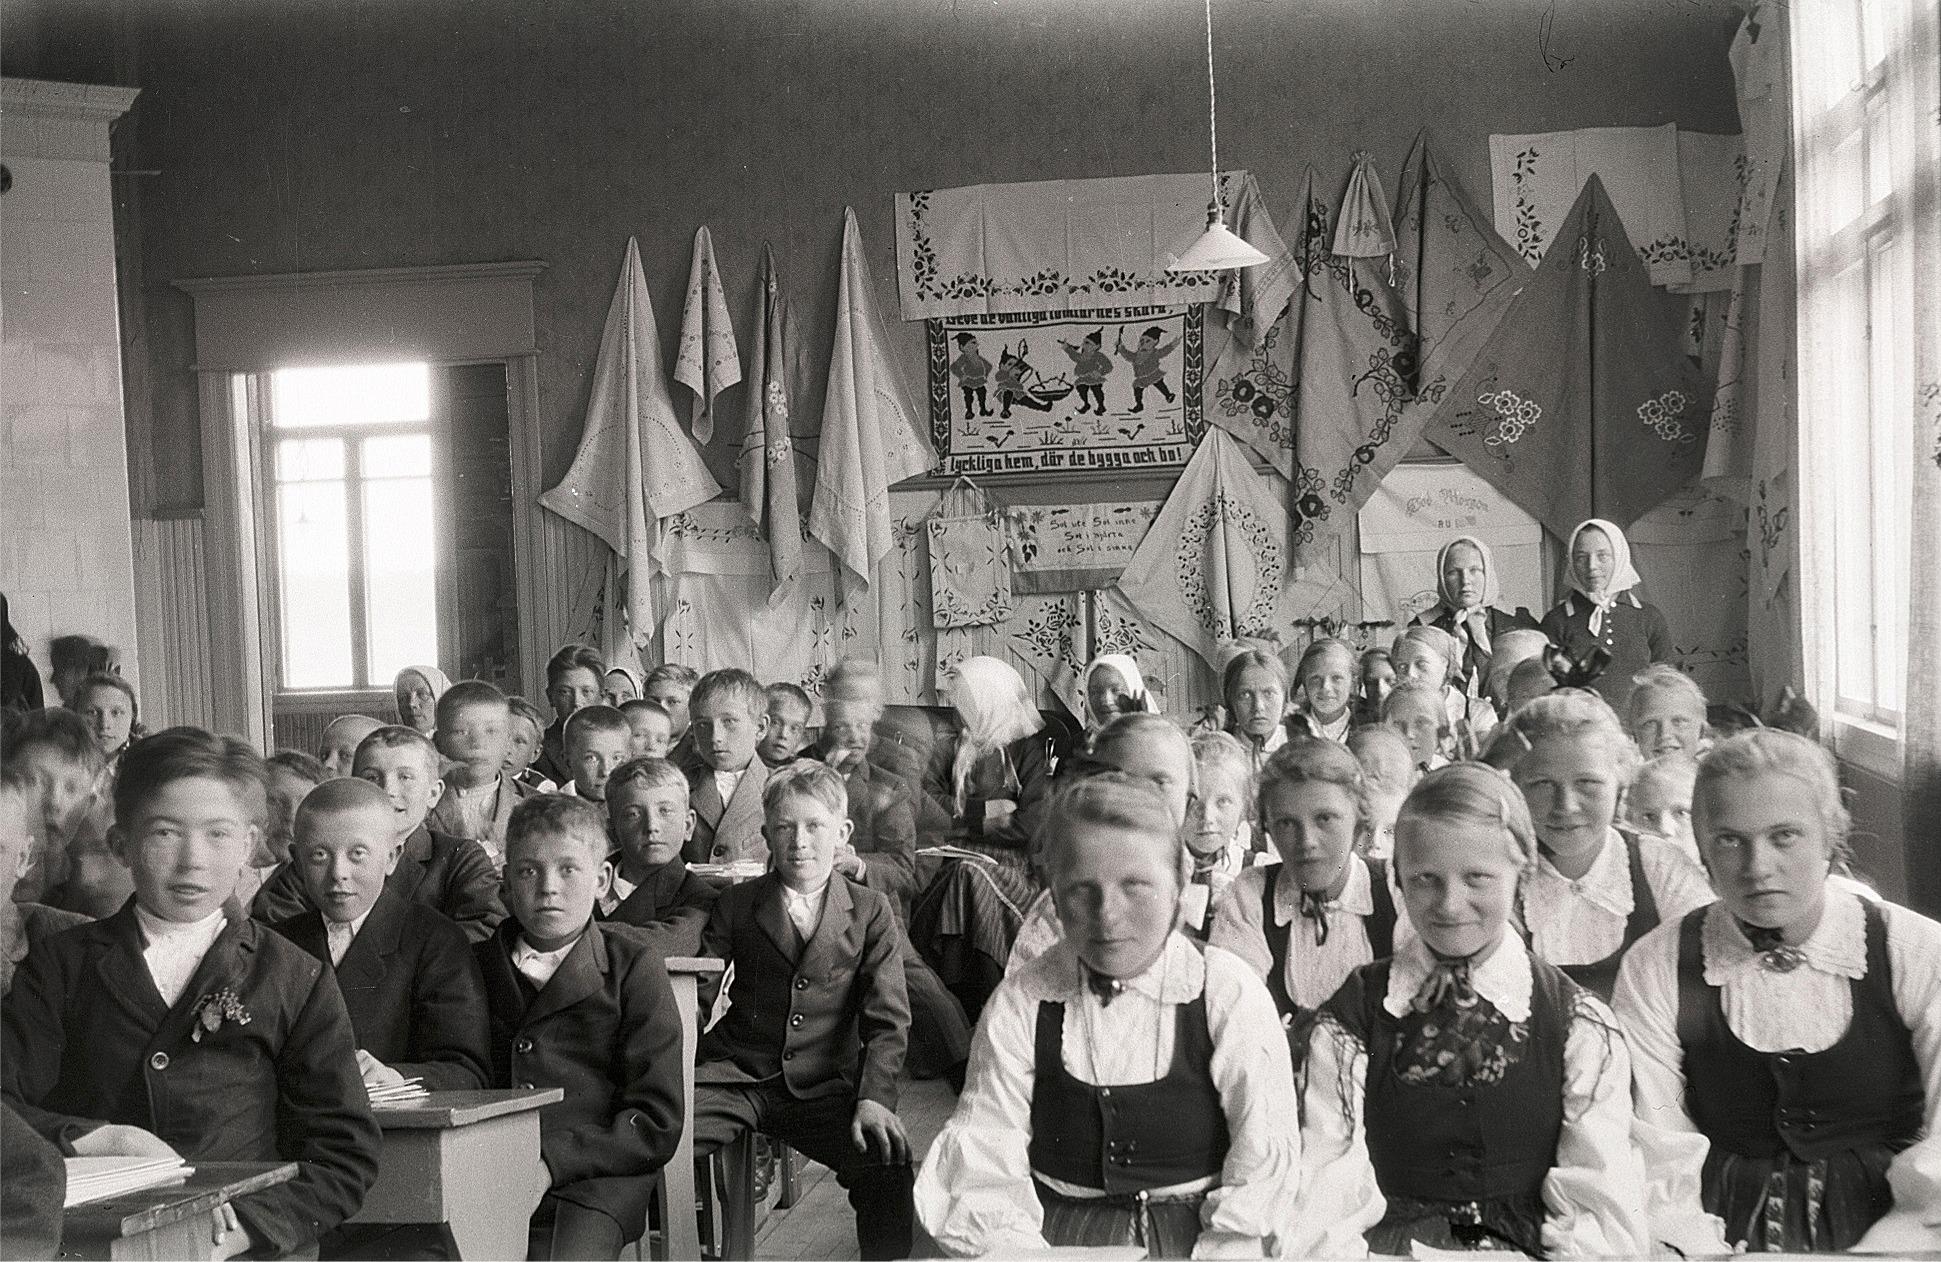 Foto från skolavslutningen 1930, där flickornas handarbeten finns upphängda på väggen. Till vänster sitter Arvo Haavisto och Karl Malm. Flickorna är Märta Skogman, Svea Ådjers, Ellen Norrholm, Elin Mangs och Alice Björses. Pojken mitt i bild med handen på knät är Valter Björknäs och bakom honom en pojke med huvudet på sned och det är Erik Storkull, senare Stens, som sedan gjorde ett stort arbete med att identifiera alla dessa Selim Björses fotografier.